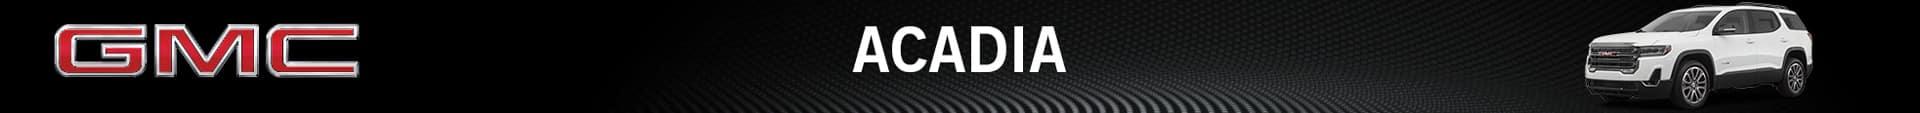 GMC Acadia